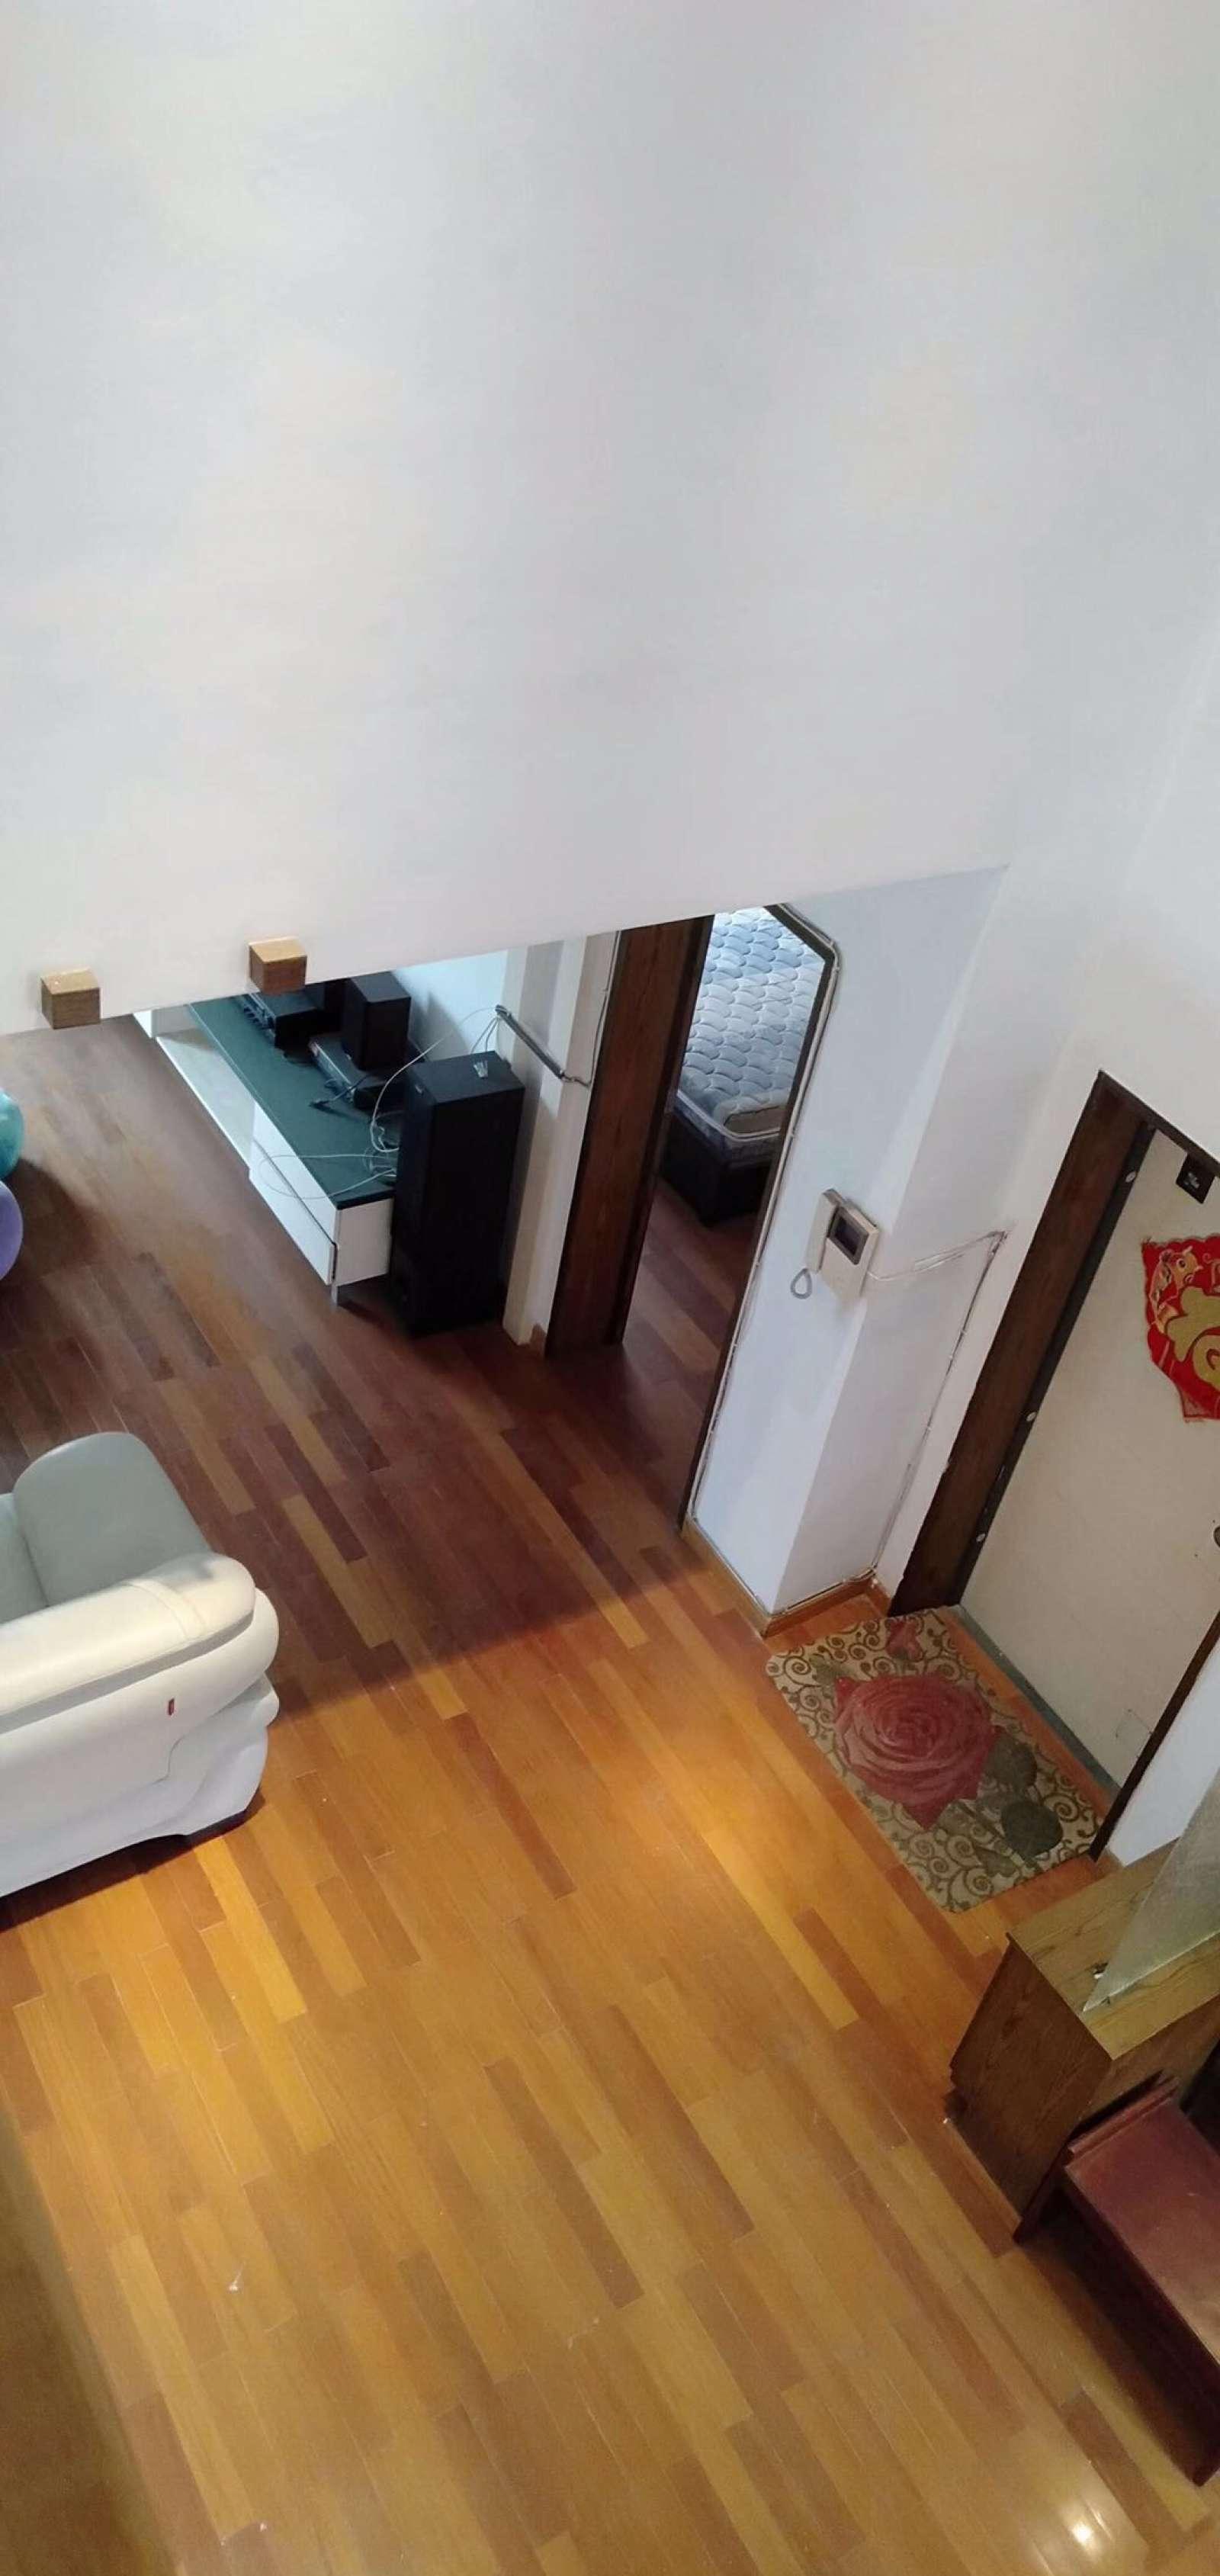 馨苑山庄 5室3厅194㎡